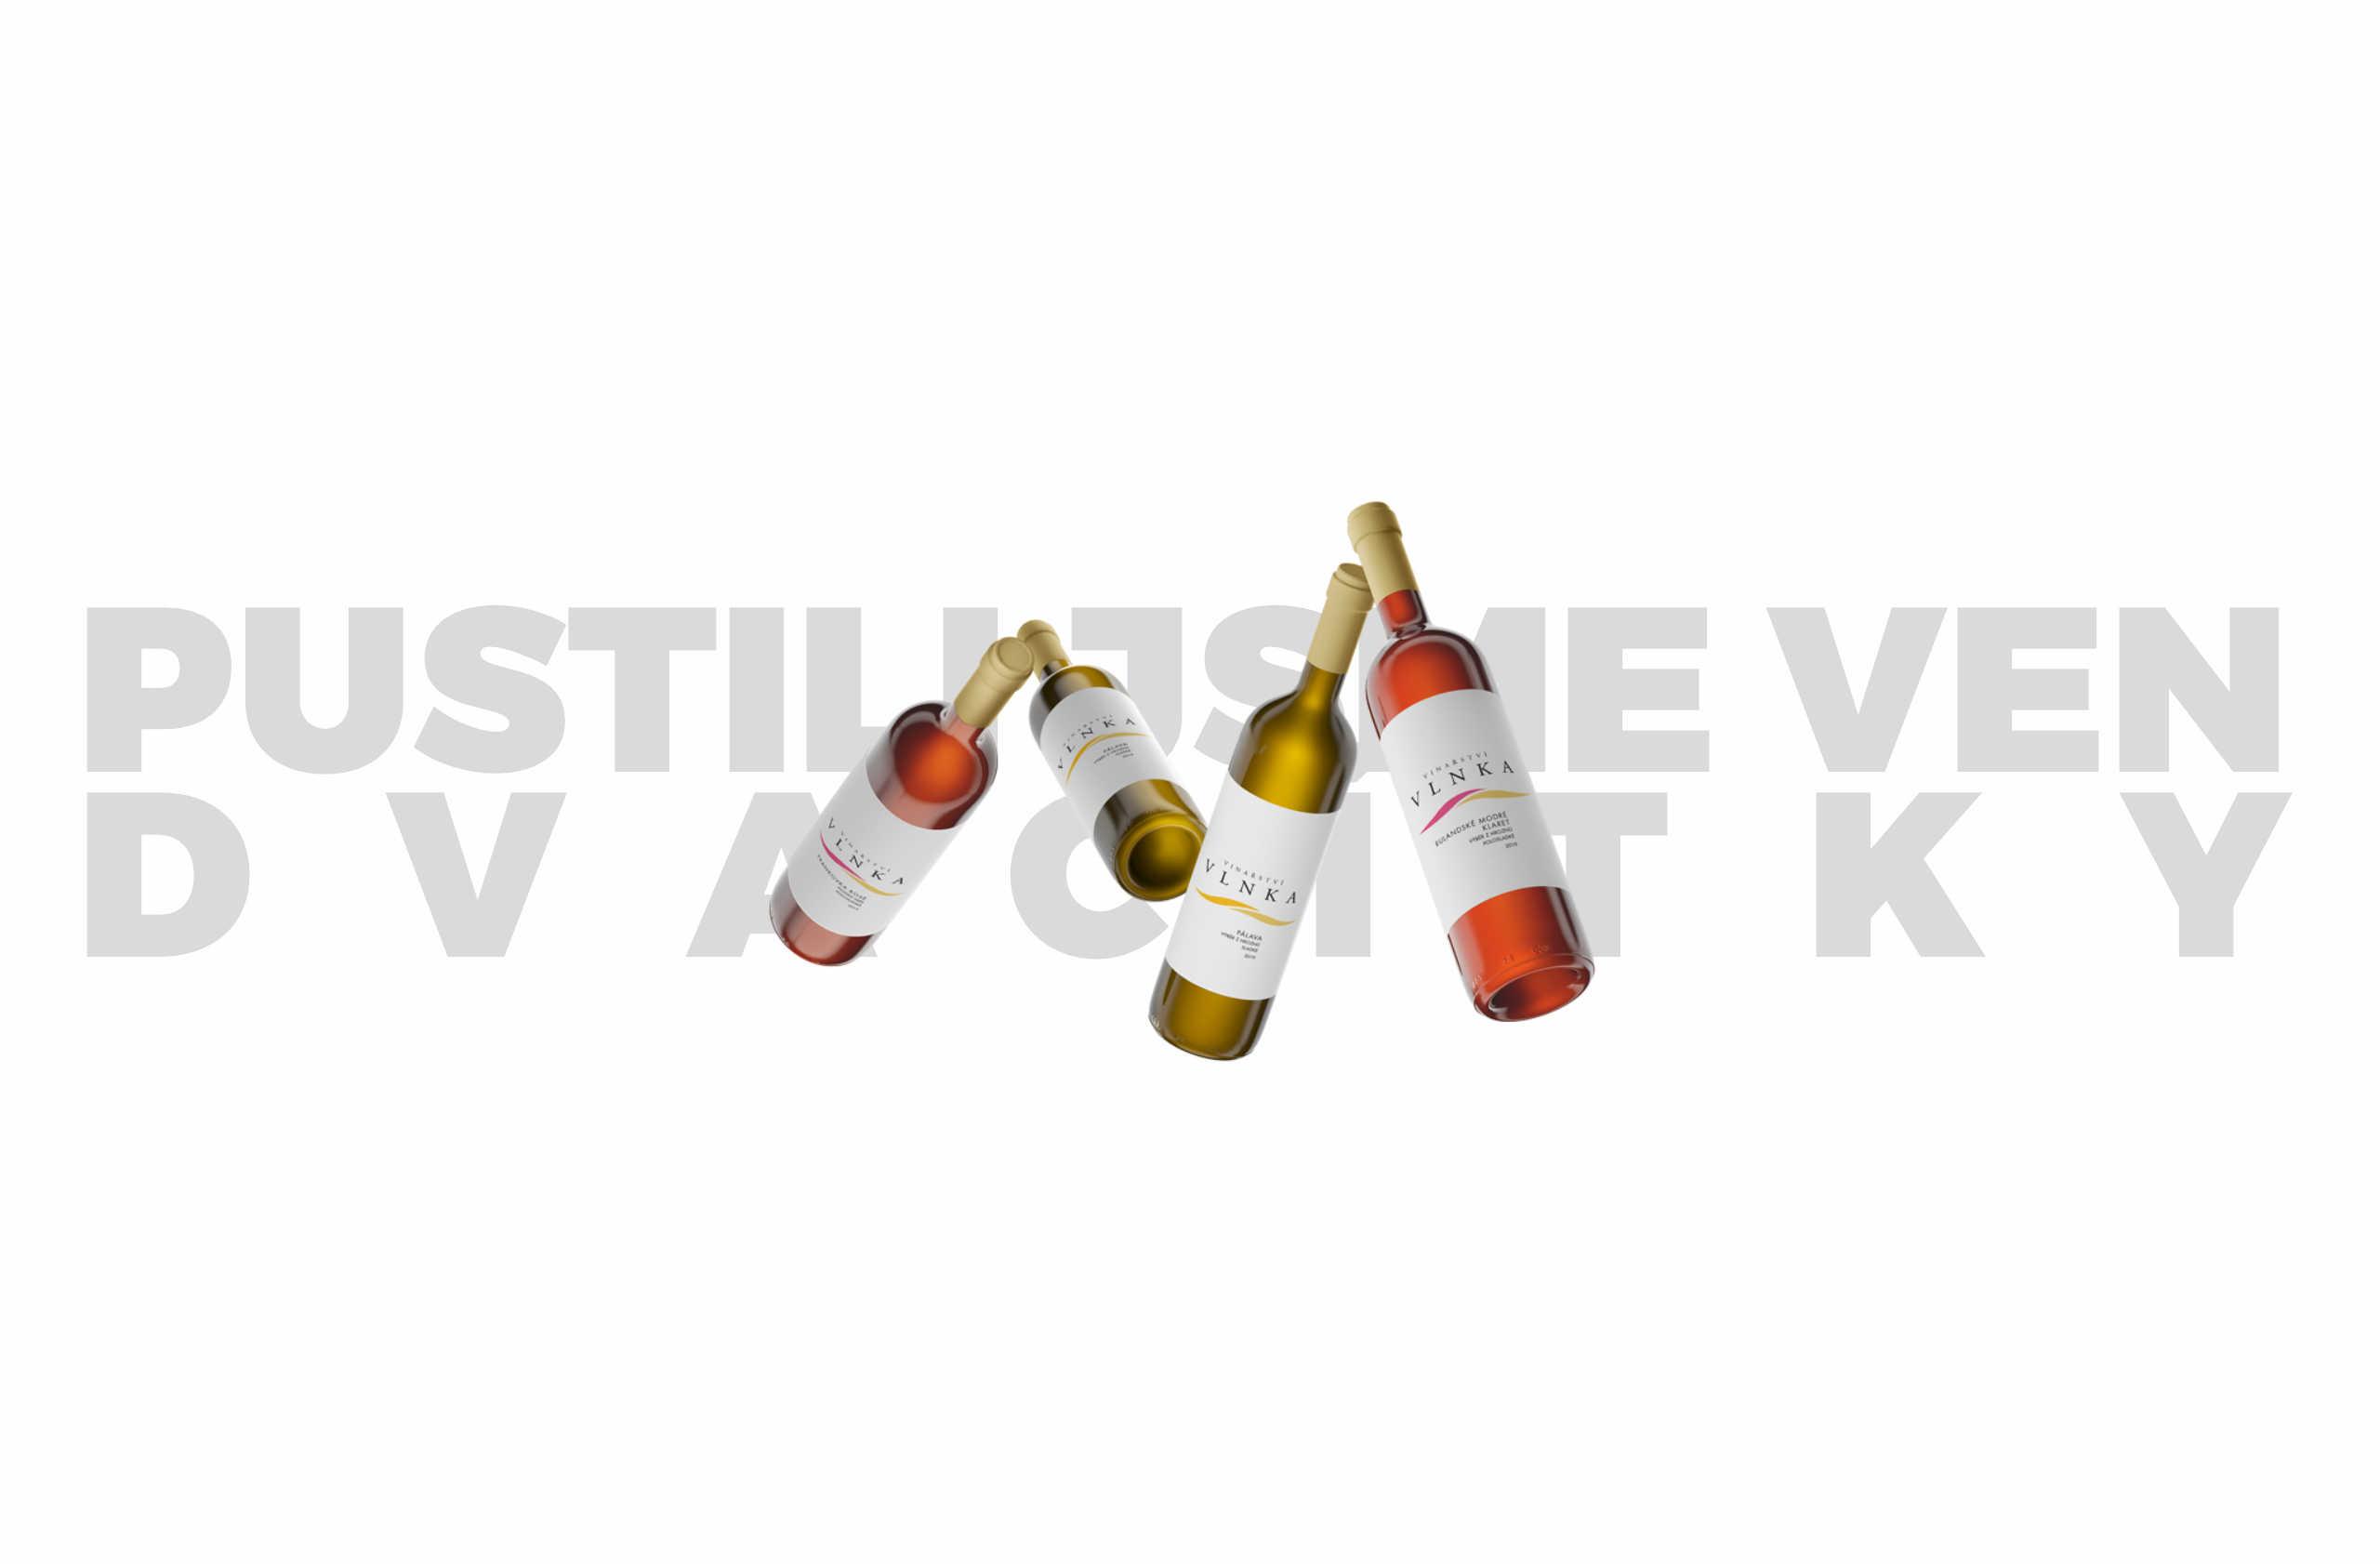 Nová vína 2019 jsou venku!